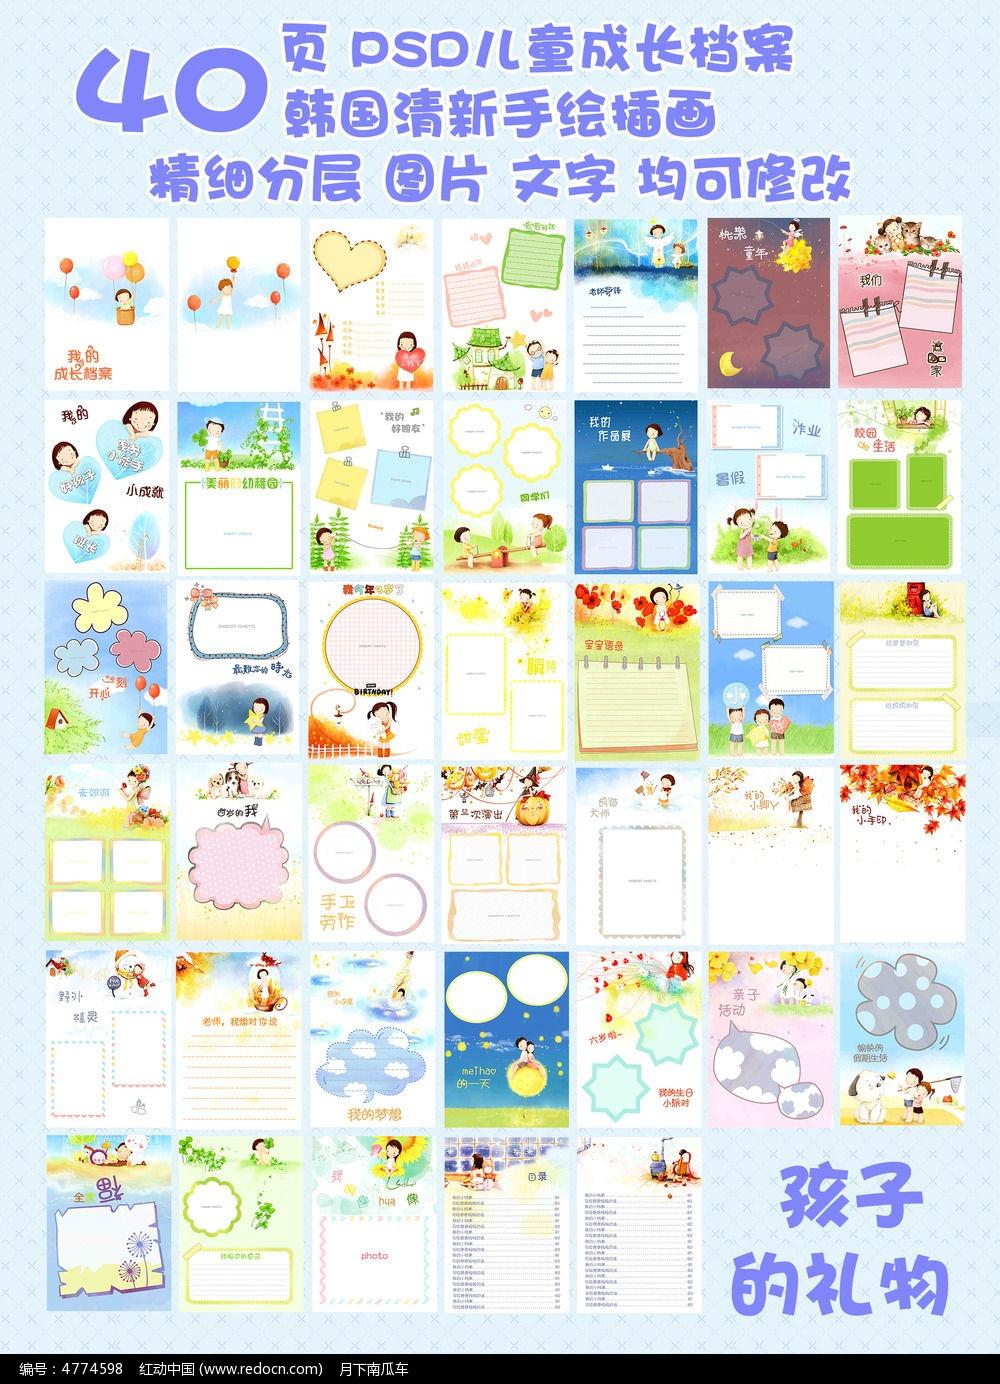 国清新插画幼儿成长档案模板下载 幼儿成长历程 记录相册 学校 幼儿